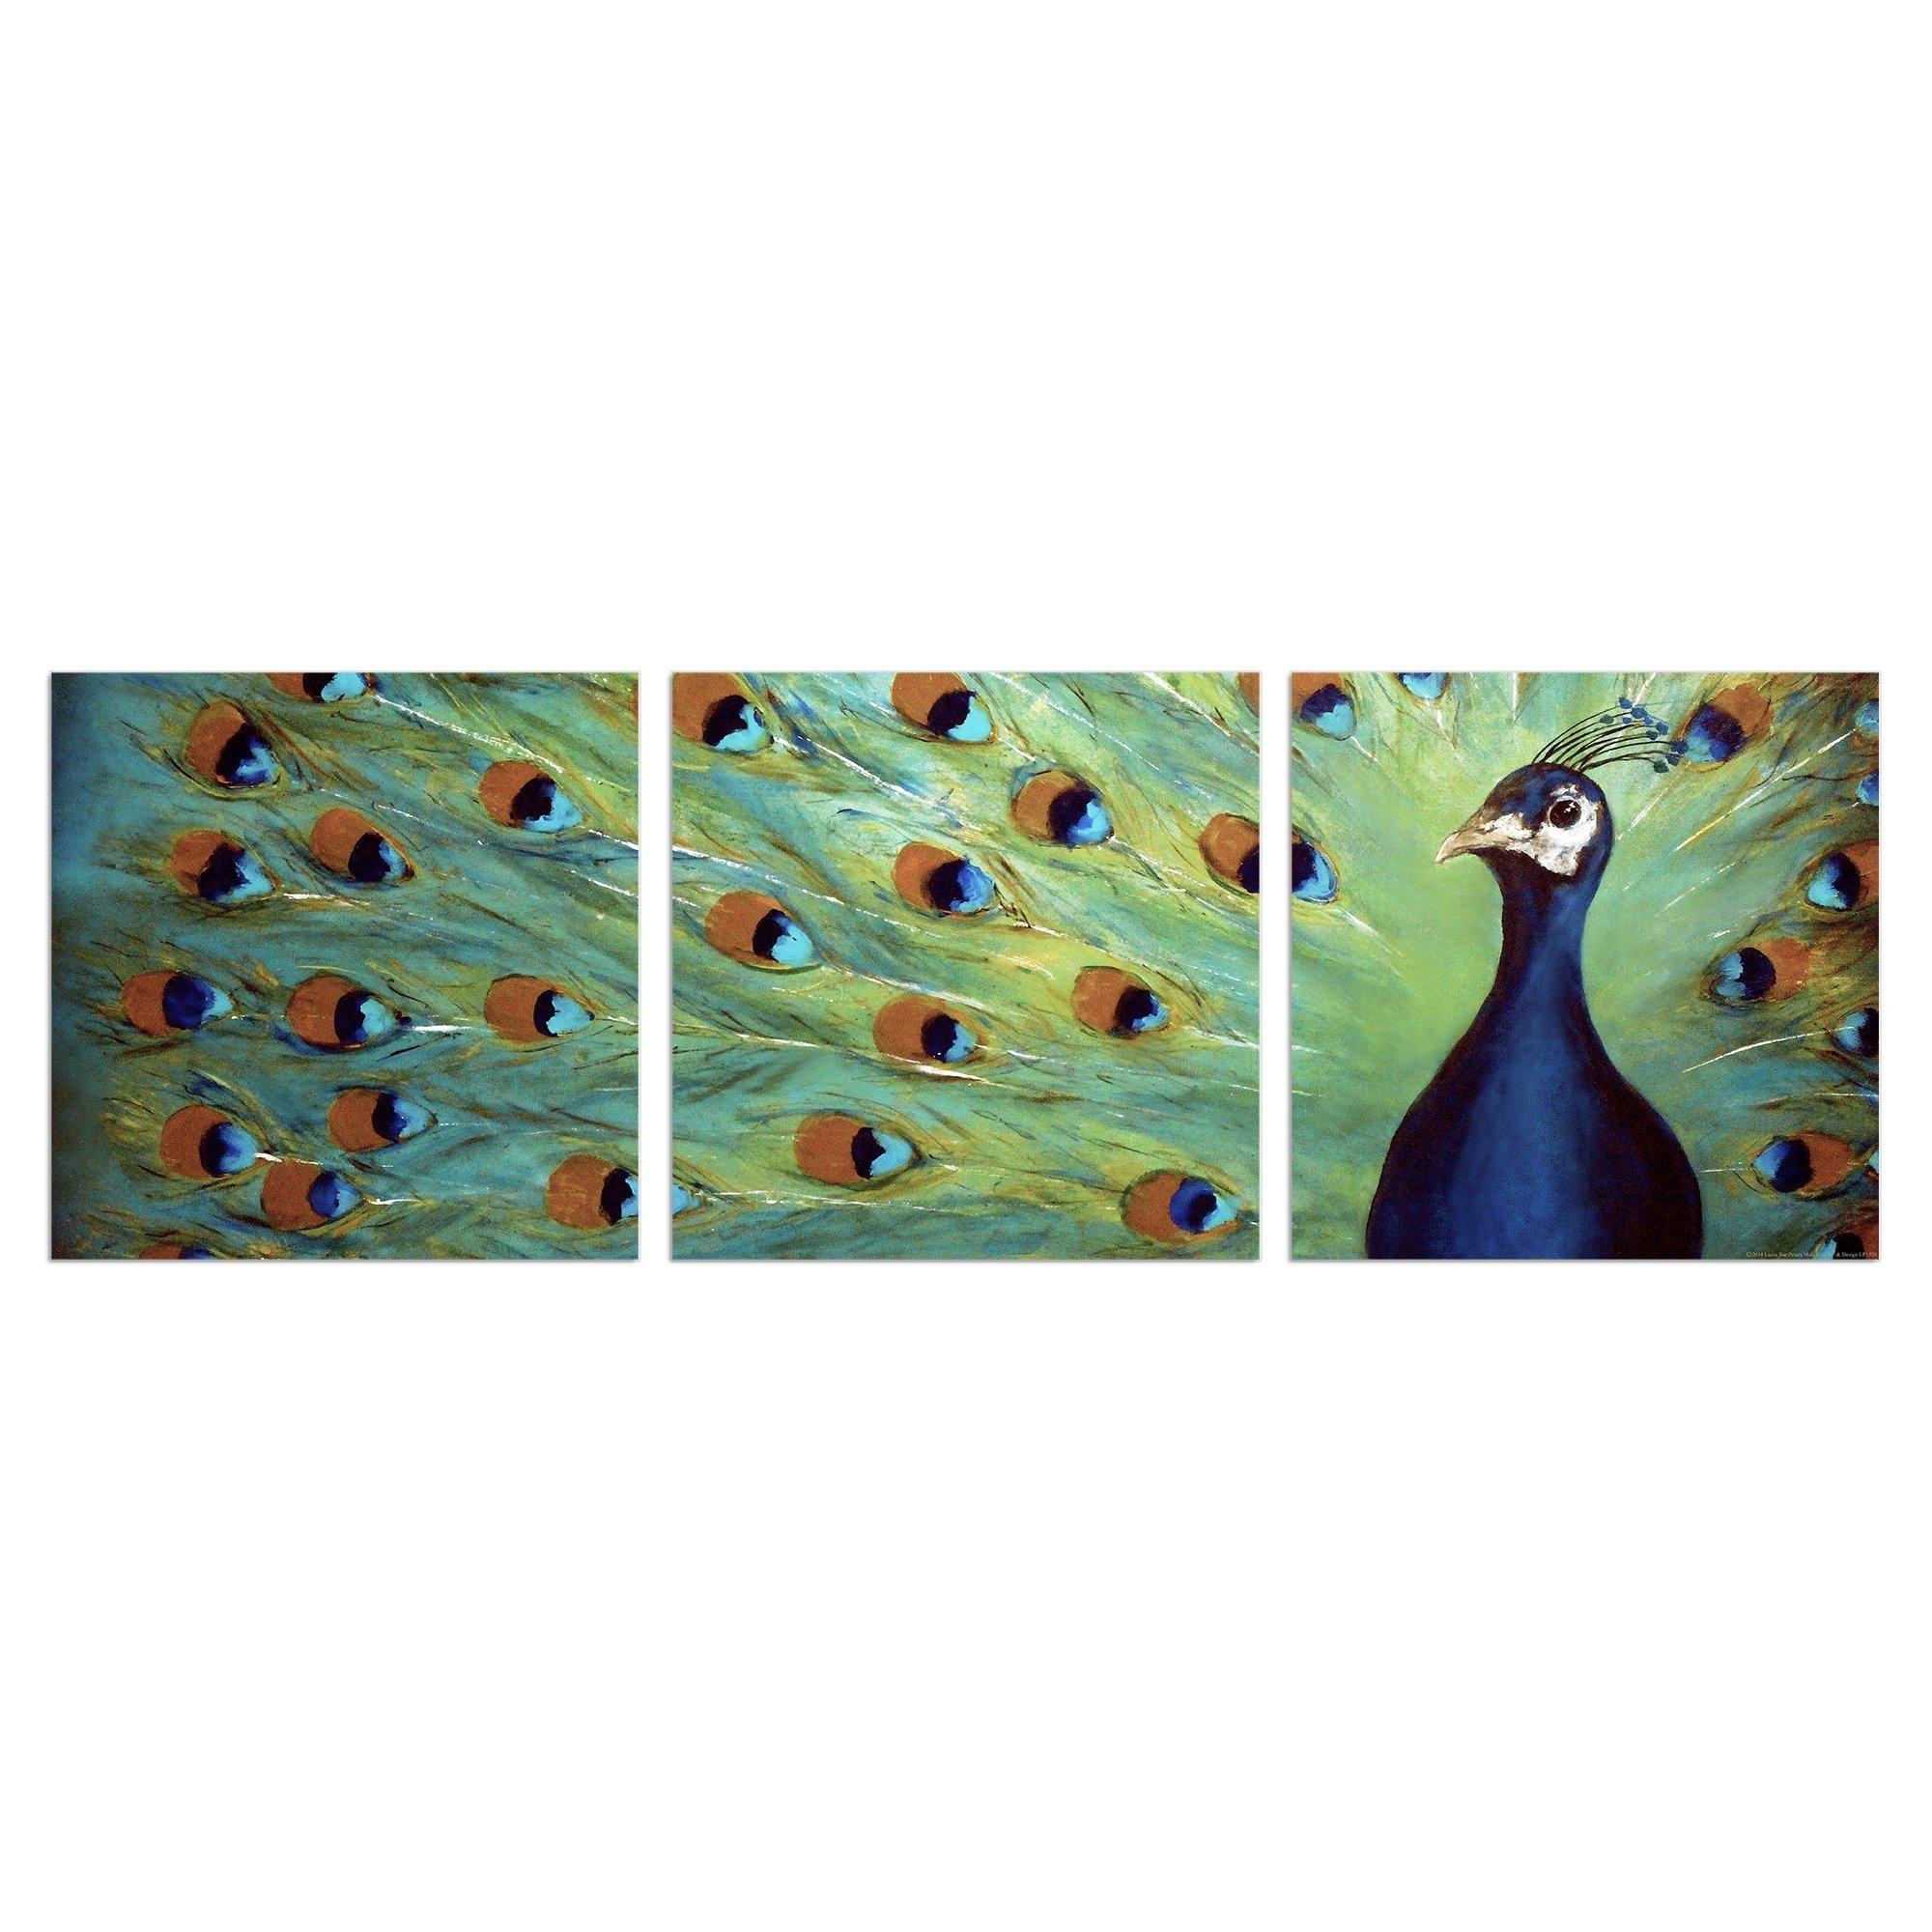 3 Piece Canvas Wall Art | Roselawnlutheran inside Canvas Wall Art 3 Piece Sets